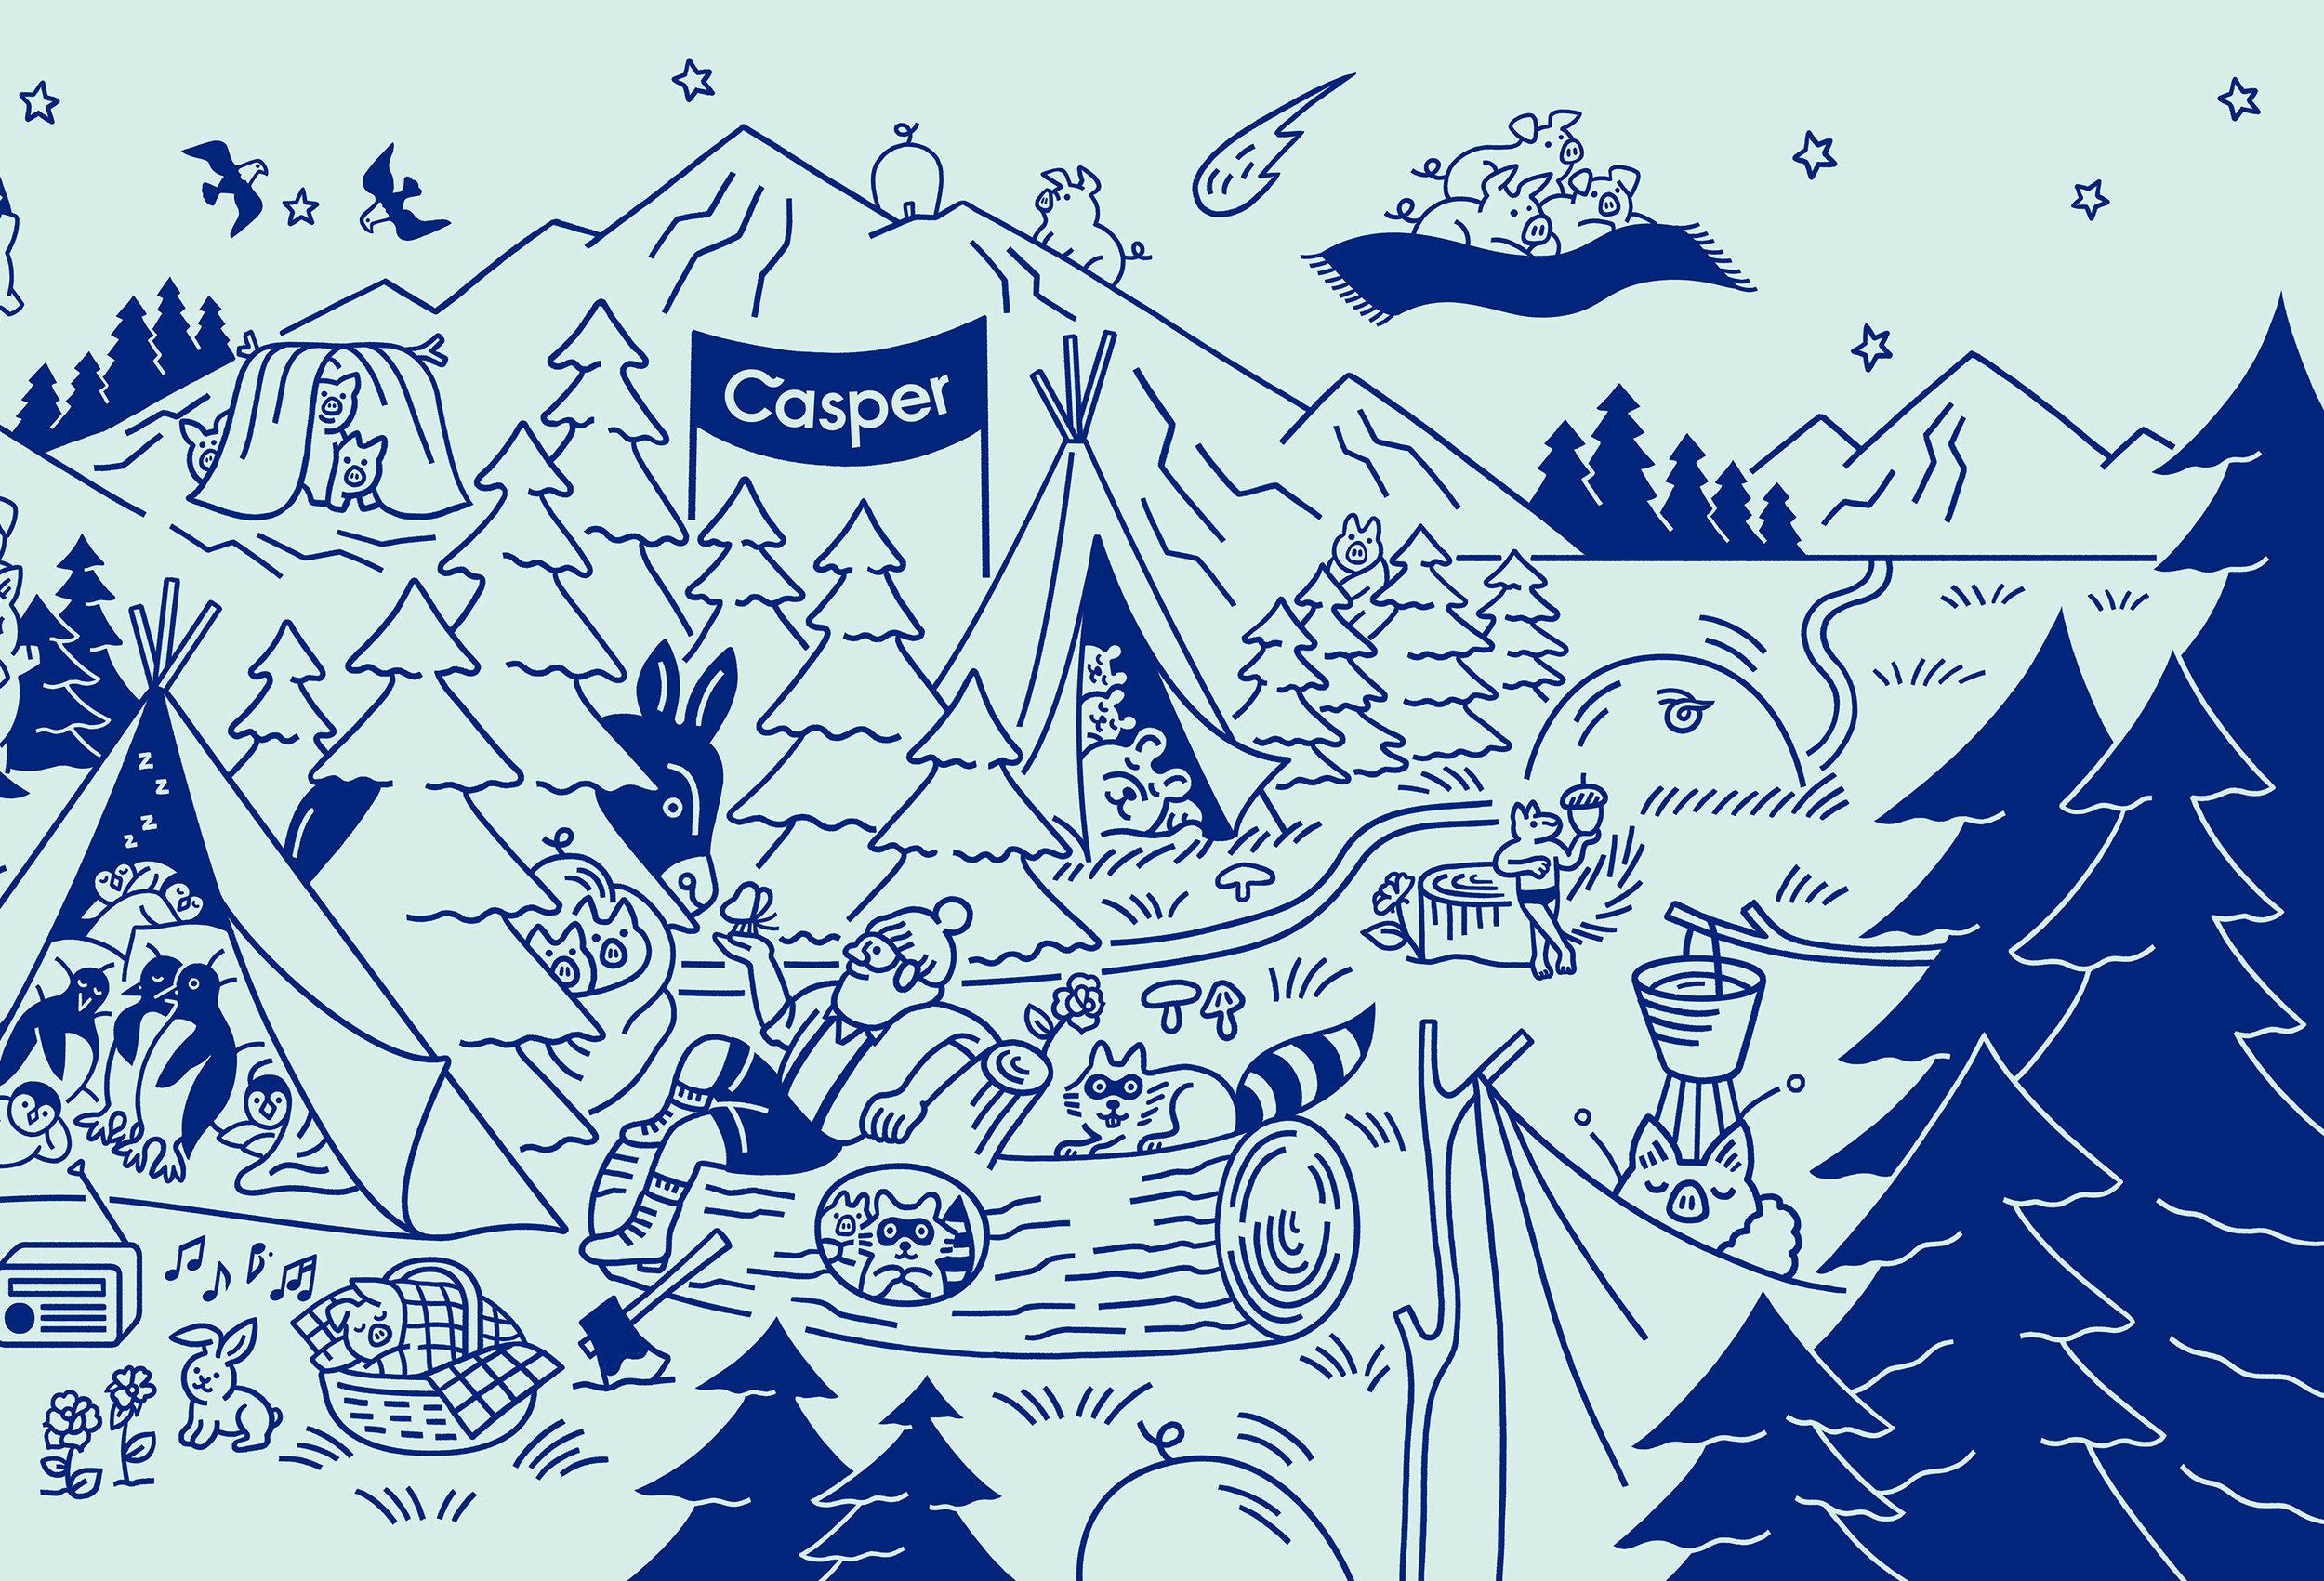 Casper-Find Pigs-3.jpg